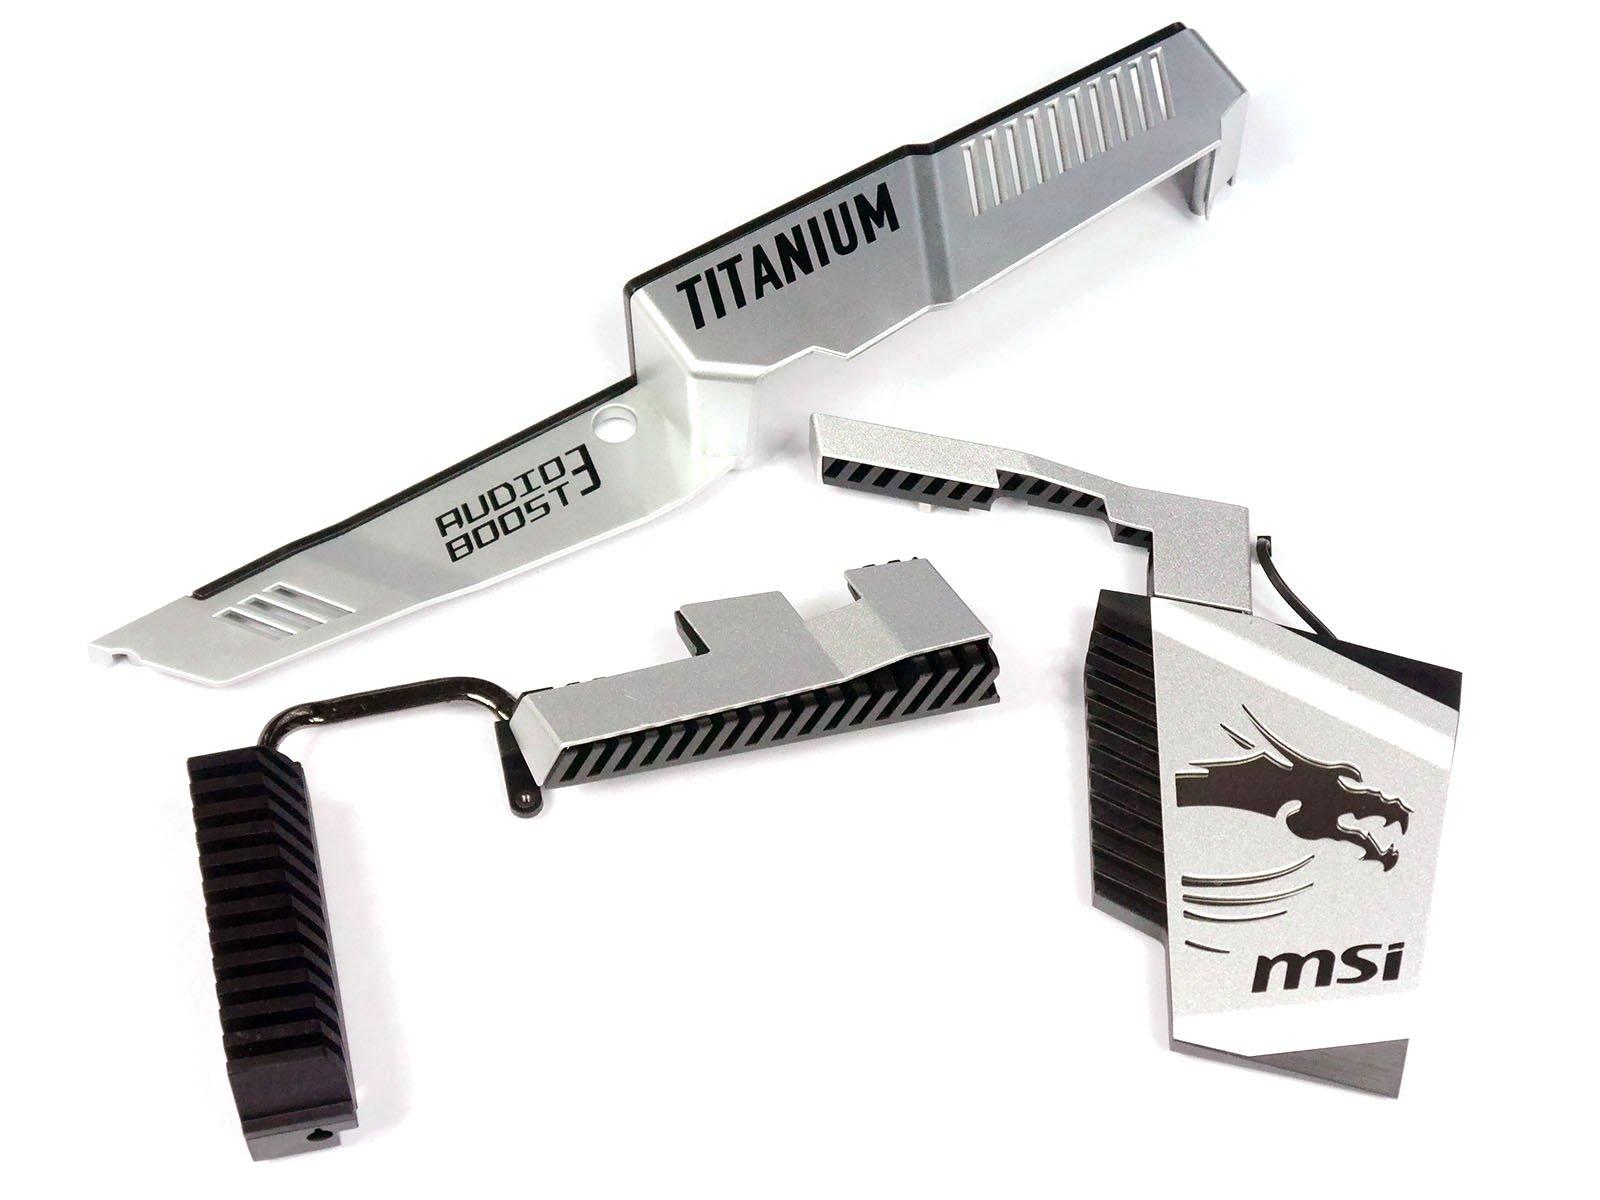 MSI X99A XPOWER Titanium - HS (1)